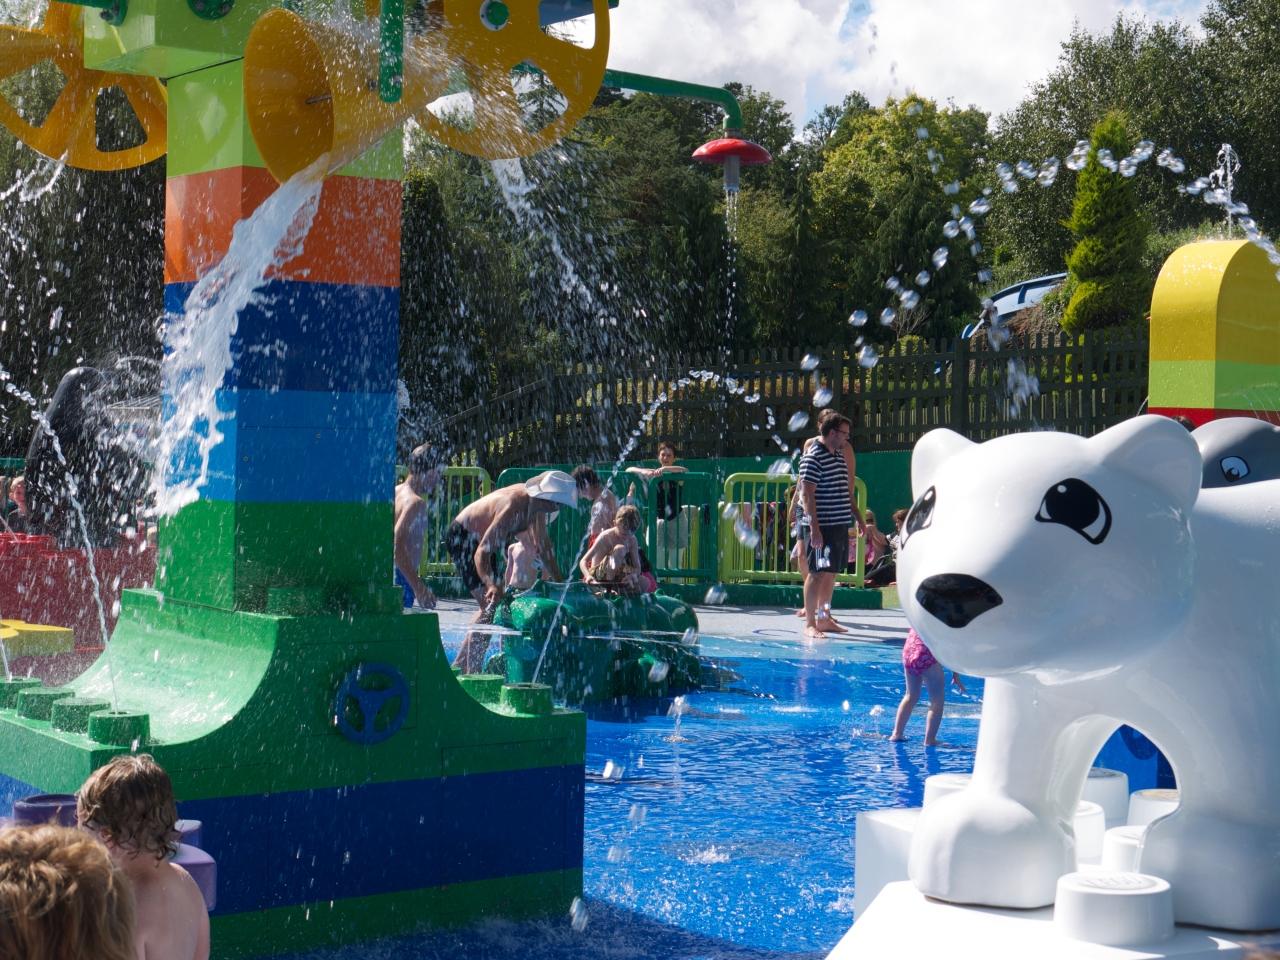 『5歳児とLEGOLAND 』ウィンザー(イギリス)の旅行記・ブログ by kinazoraさん【フォートラベル】